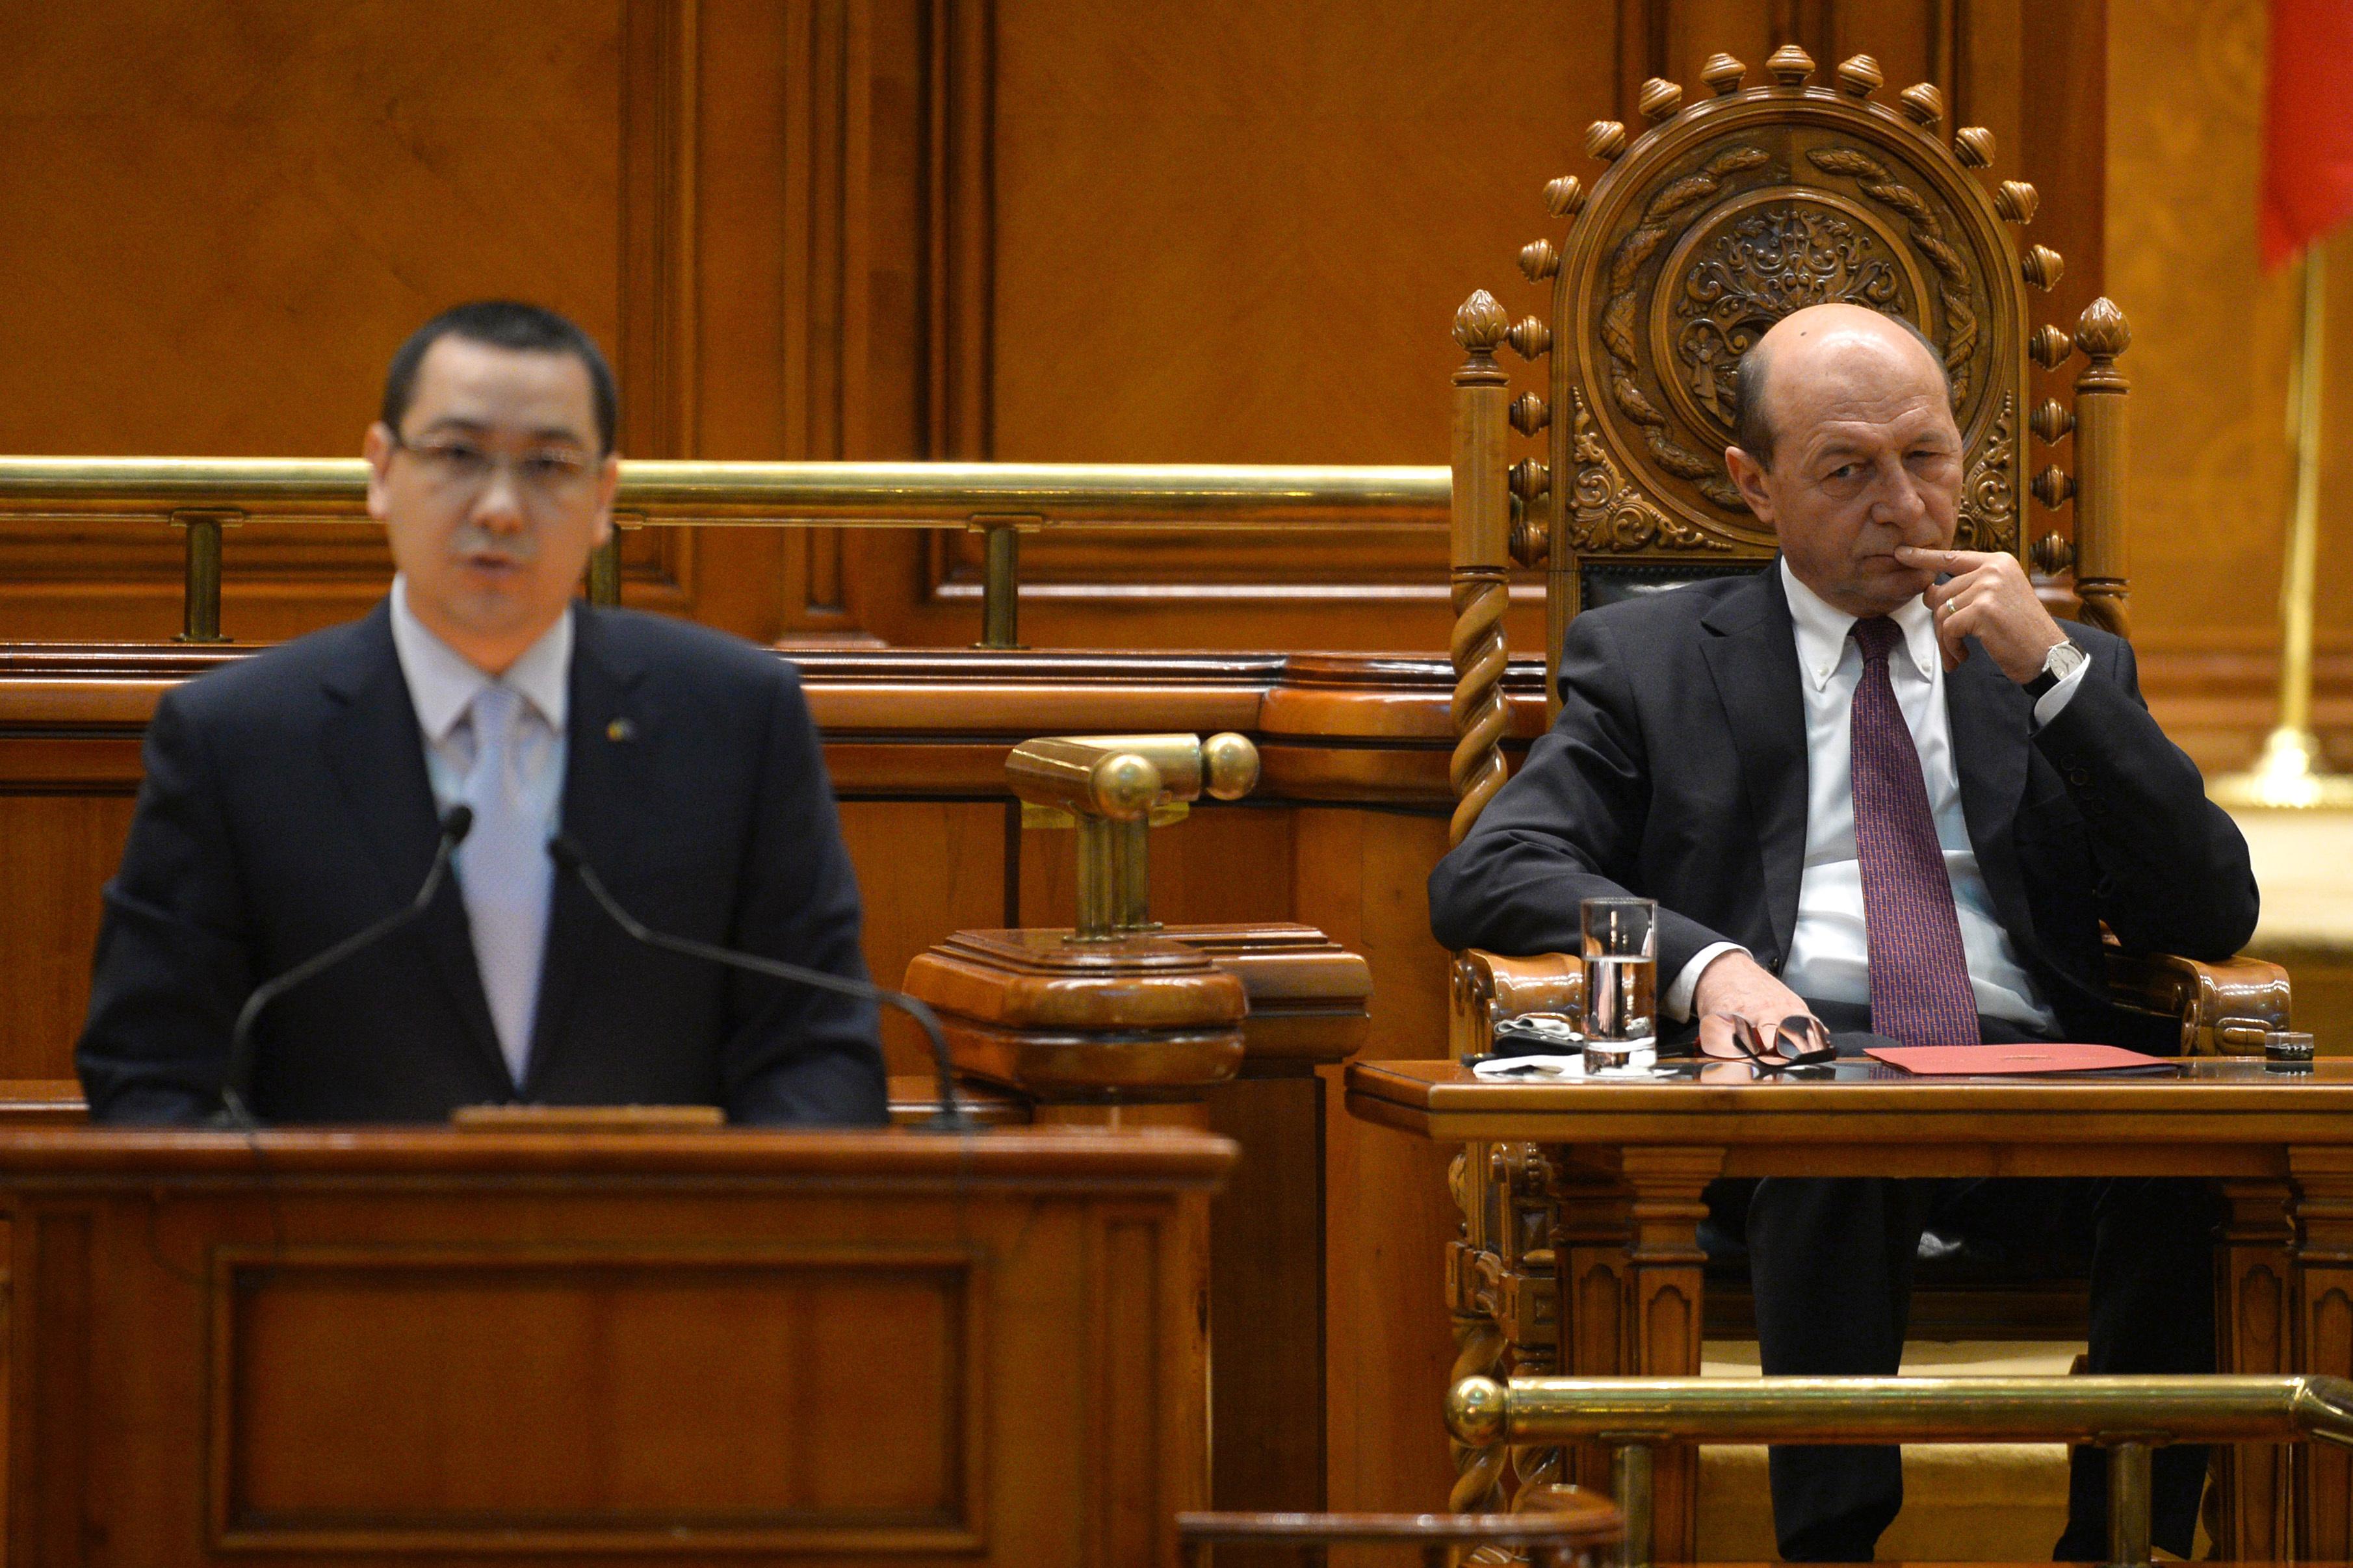 Înregistrarea discuţiei dintre Băsescu, Ponta şi Petrescu, publicată de către Preşedinţie. VIDEO